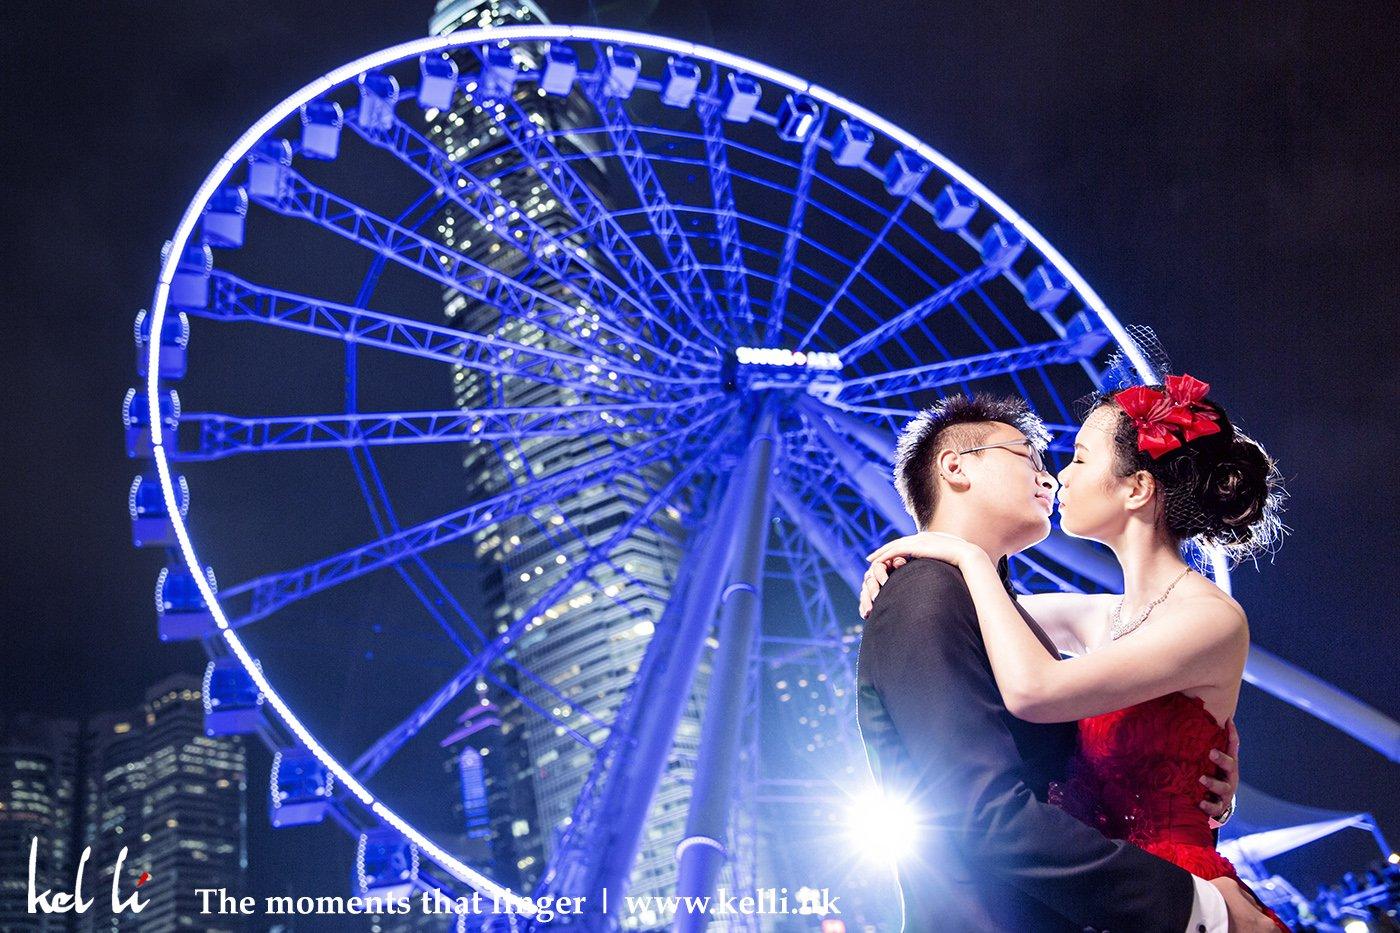 香港在中環的摩天輪,摩天輪下的婚紗照